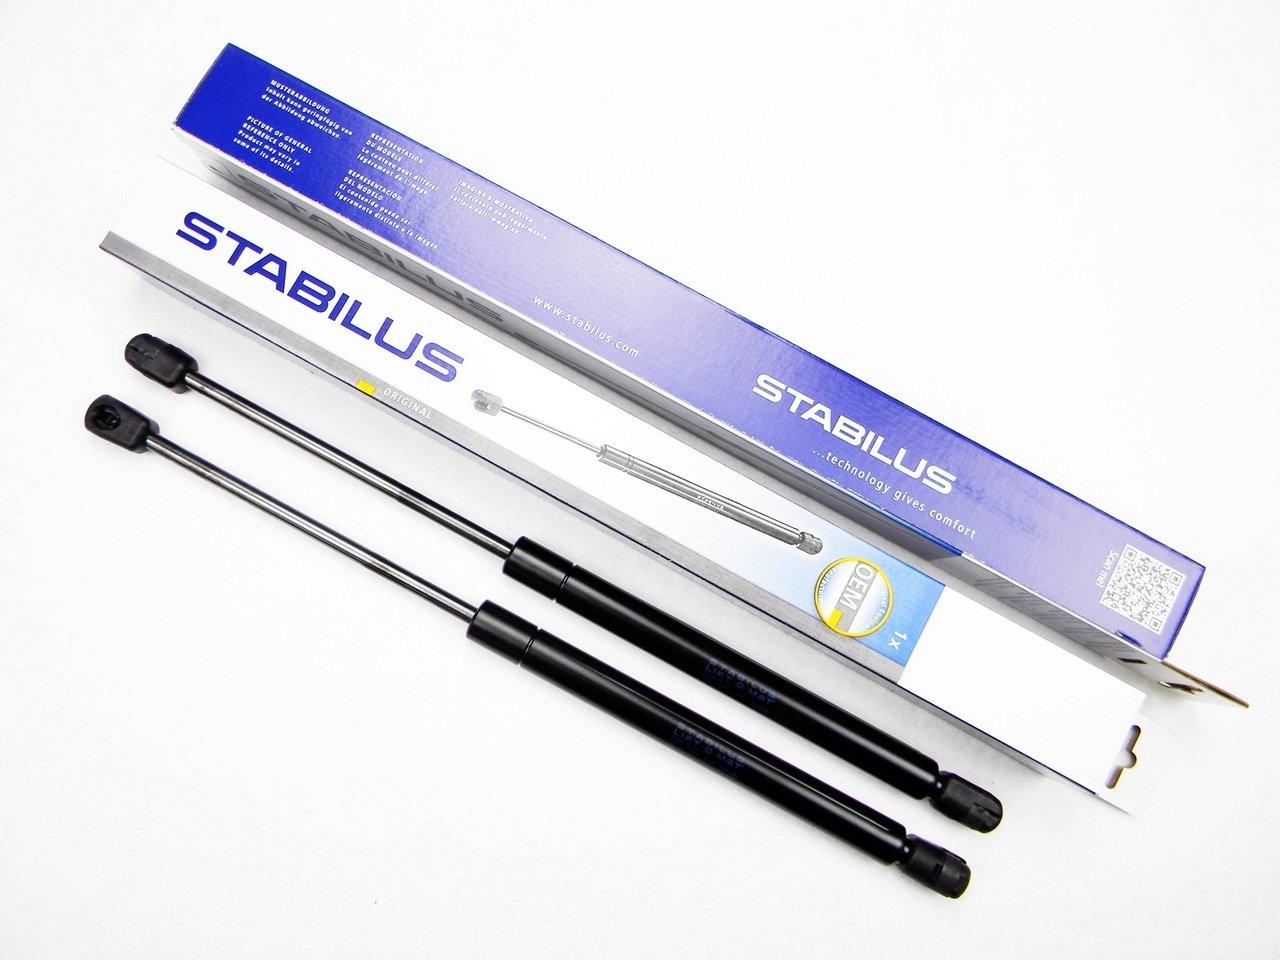 2x STABILUS LIFT-O-MAT LIFTER GASFEDER D/ÄMPFER KOFFERRAUM 125238